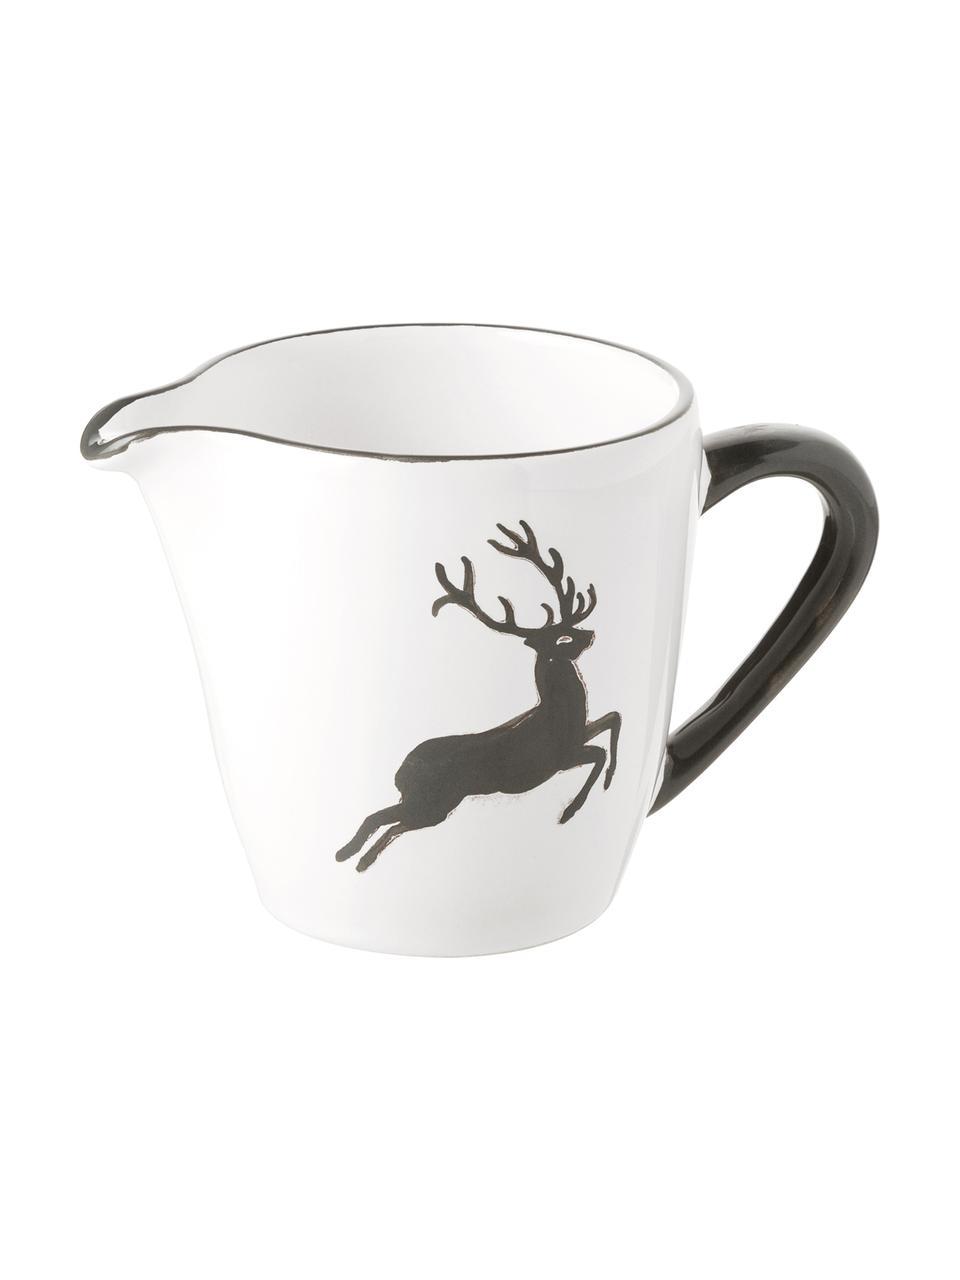 Pot à lait en céramique artisanale Cerf Gris Gourmet, 200ml, Gris, blanc